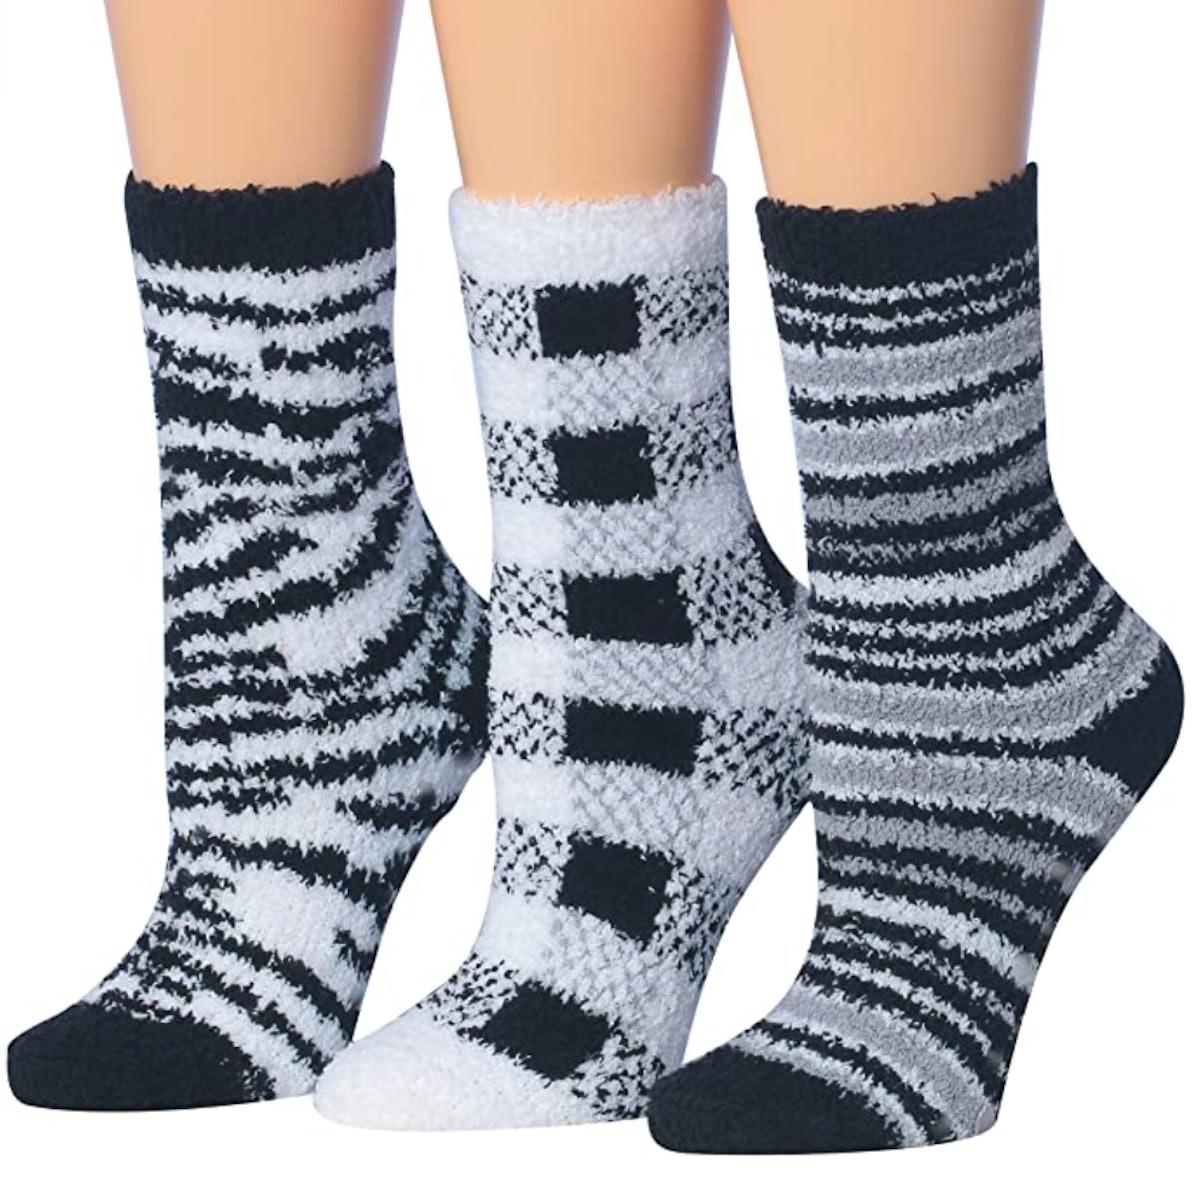 Tipi Toe Microfiber Anti-Skid Socks (3 Pairs)